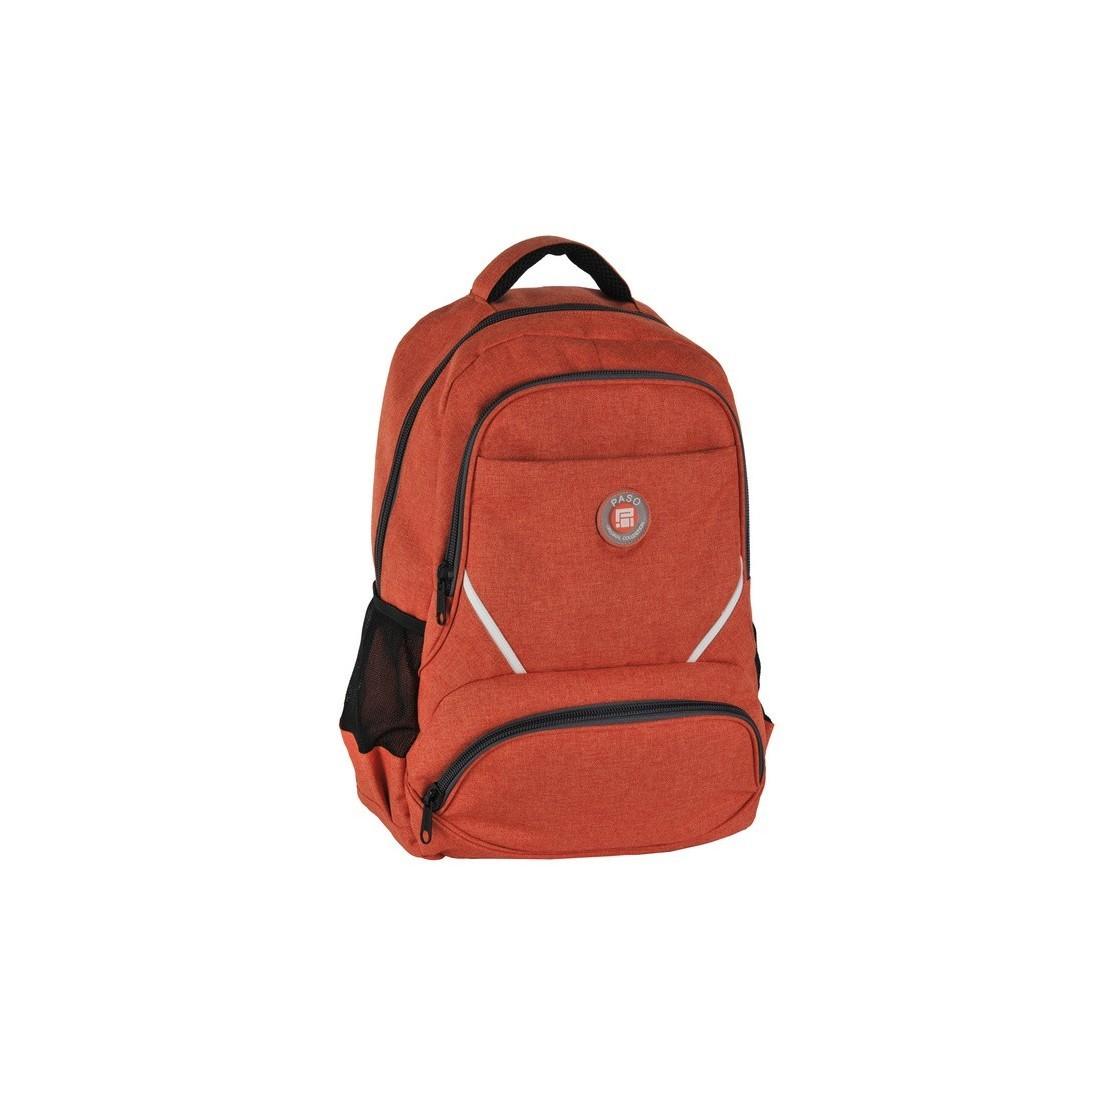 Plecak młodzieżowy pomarańczowy original collection